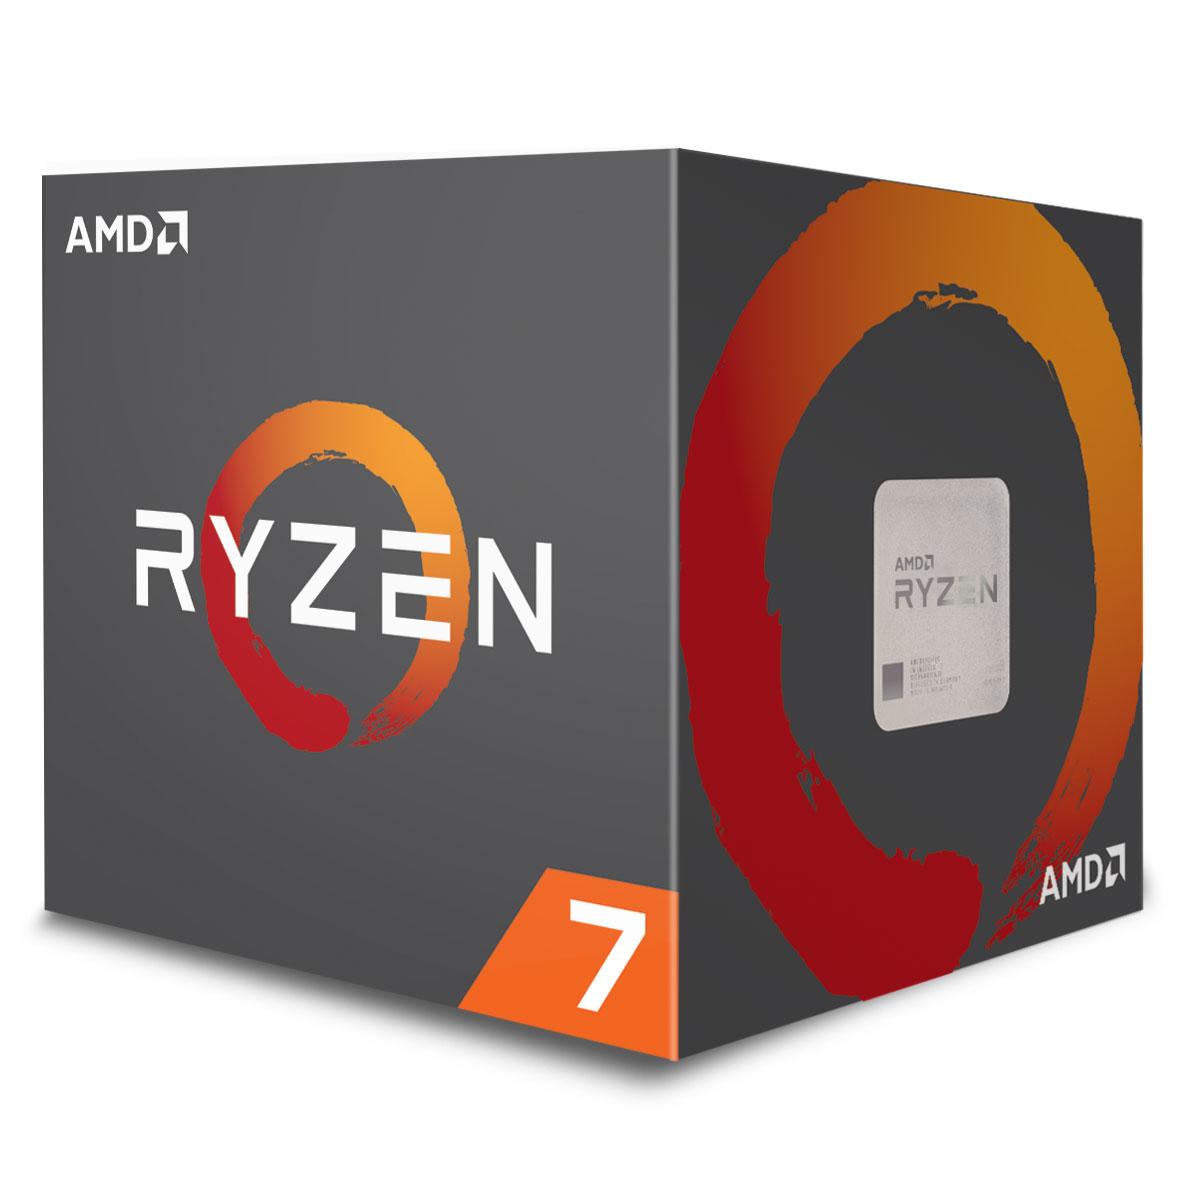 Processeur AMD Ryzen 7 2700X Wraith Prism Edition (3.7 GHz) avec mise à jour BIOS Processeur 8-Core socket AM4 Cache L3 16 Mo 0.012 micron TDP 105W avec système de refroidissement (version boîte - garantie constructeur 3 ans)